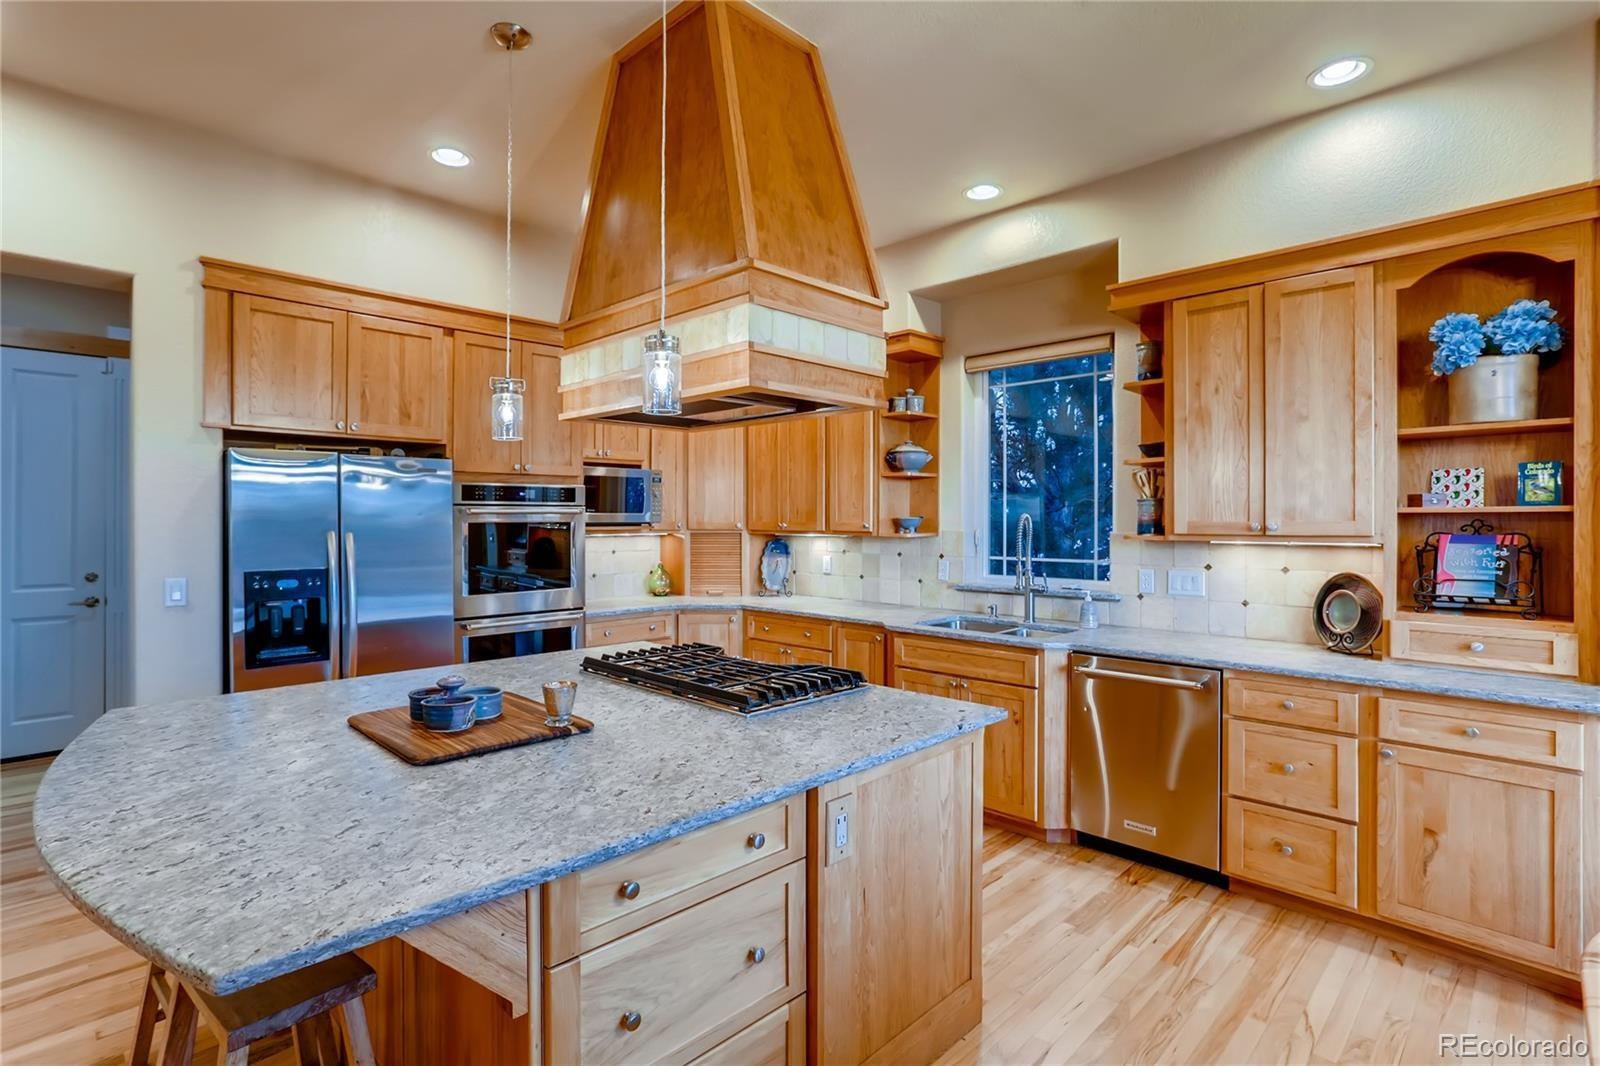 MLS# 7844804 - 5 - 1067 Ridge Oaks Drive, Castle Rock, CO 80104